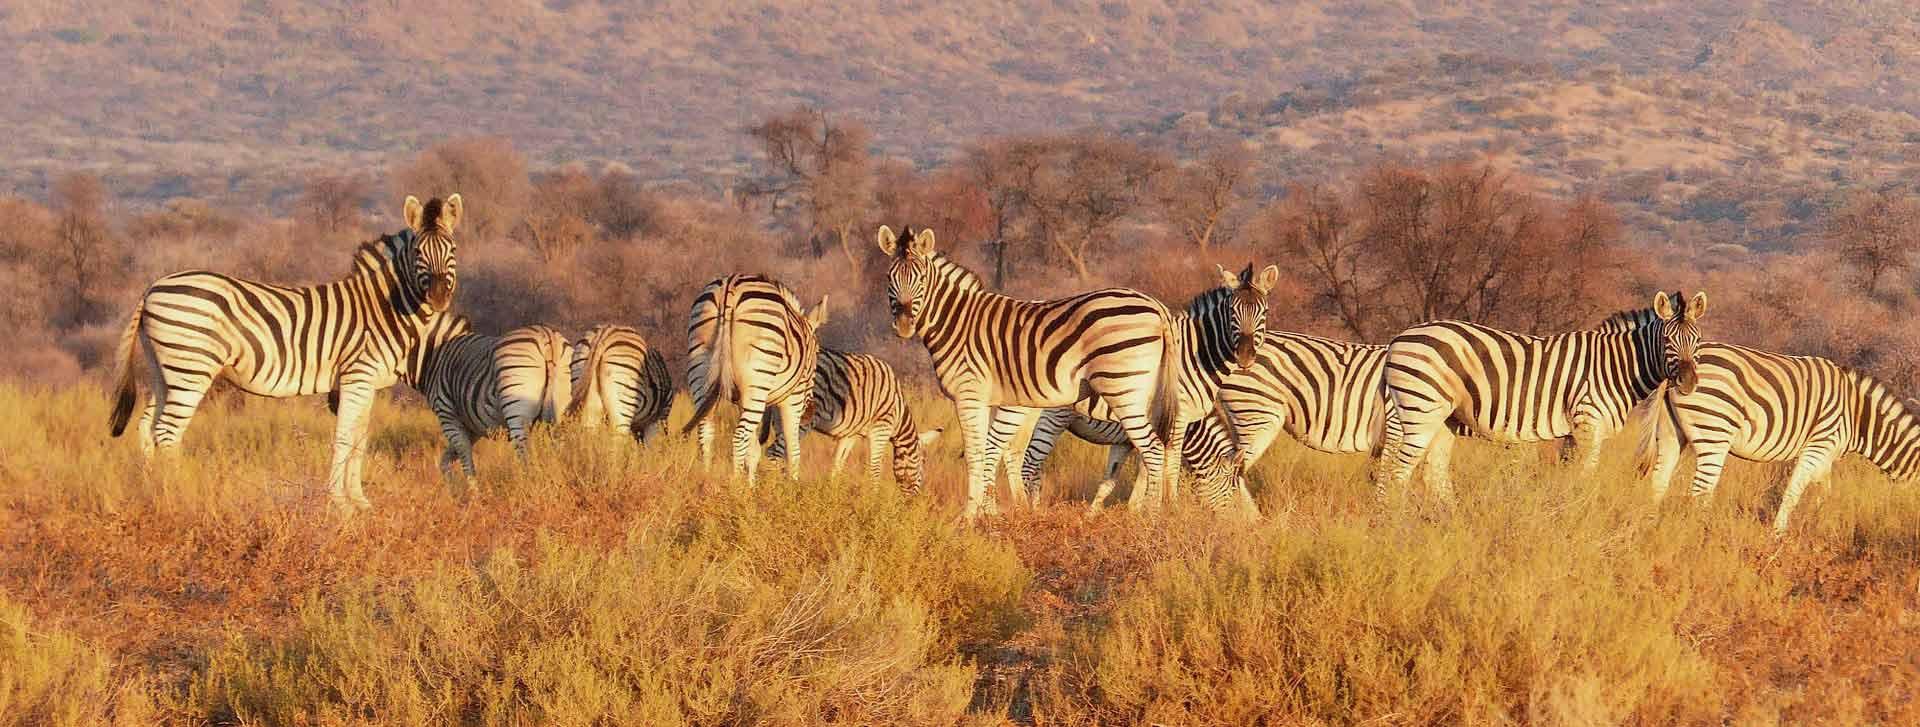 days safari